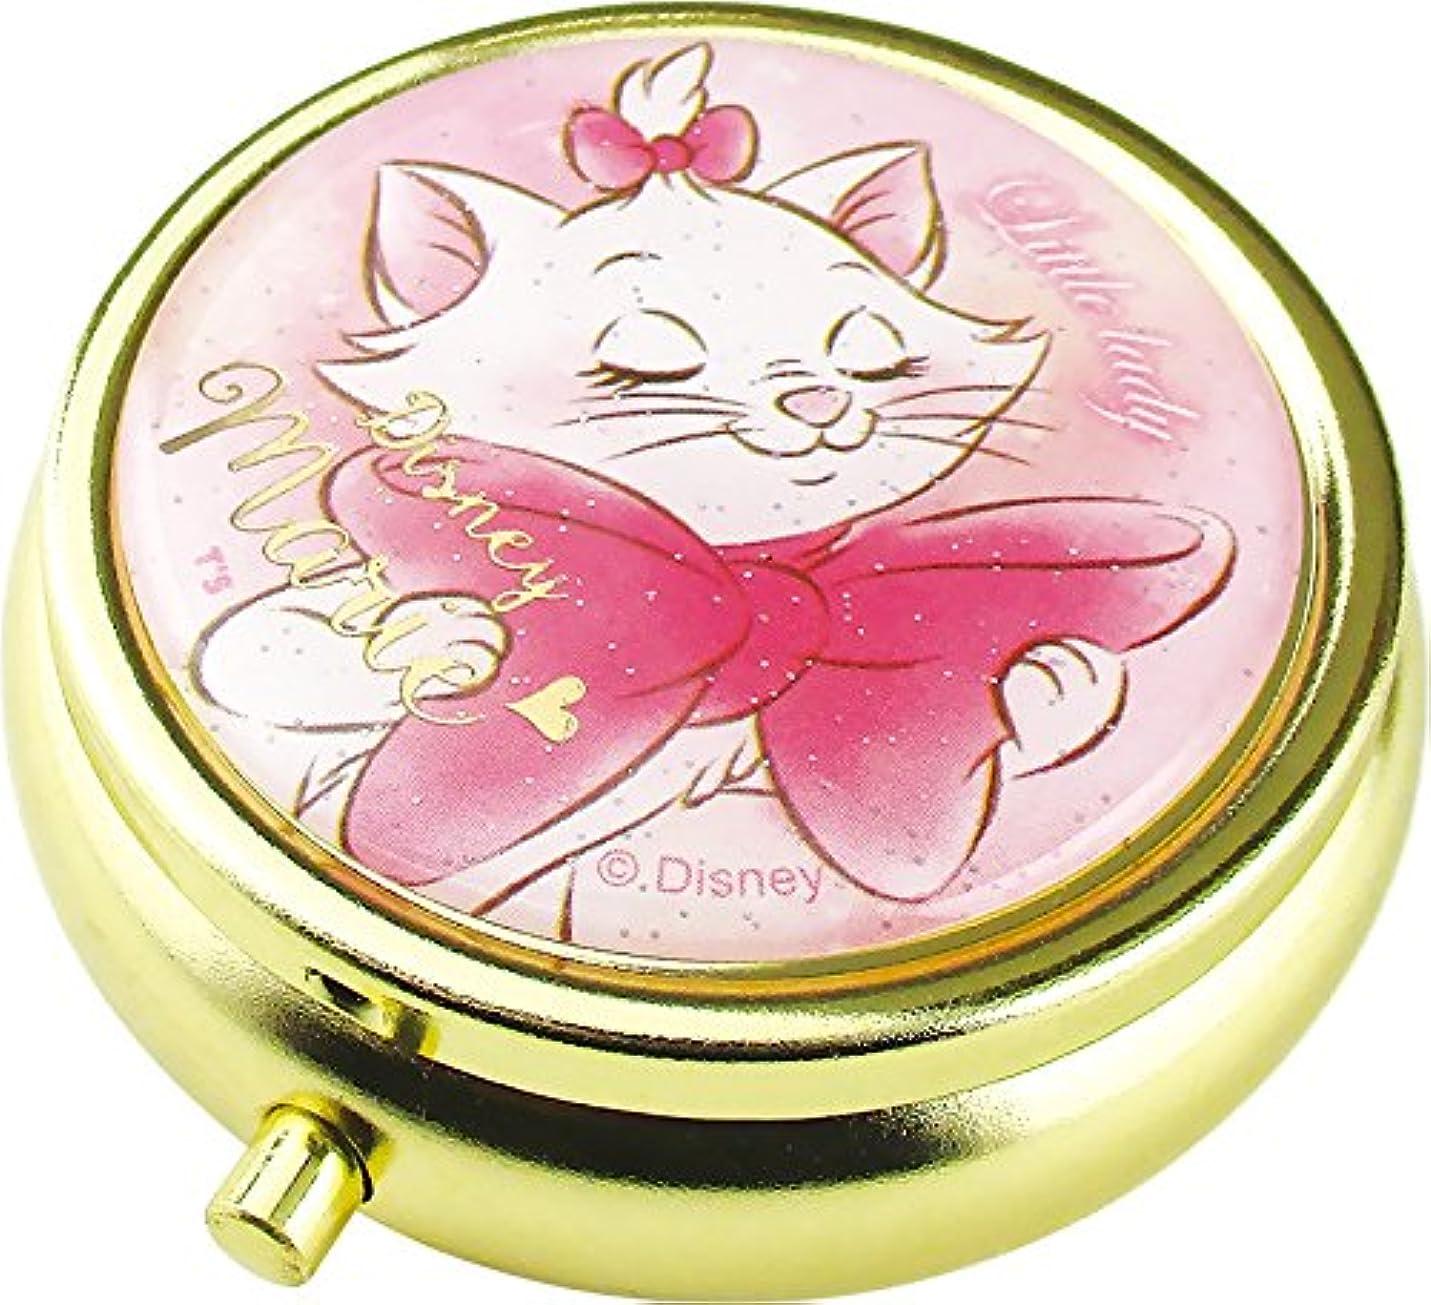 行き当たりばったり薄暗い水曜日ティーズファクトリー Disney マリー ミニ小物ケース ミラー、仕切り付き  ディズニー The Aristocats DN-5522315 MA 073344